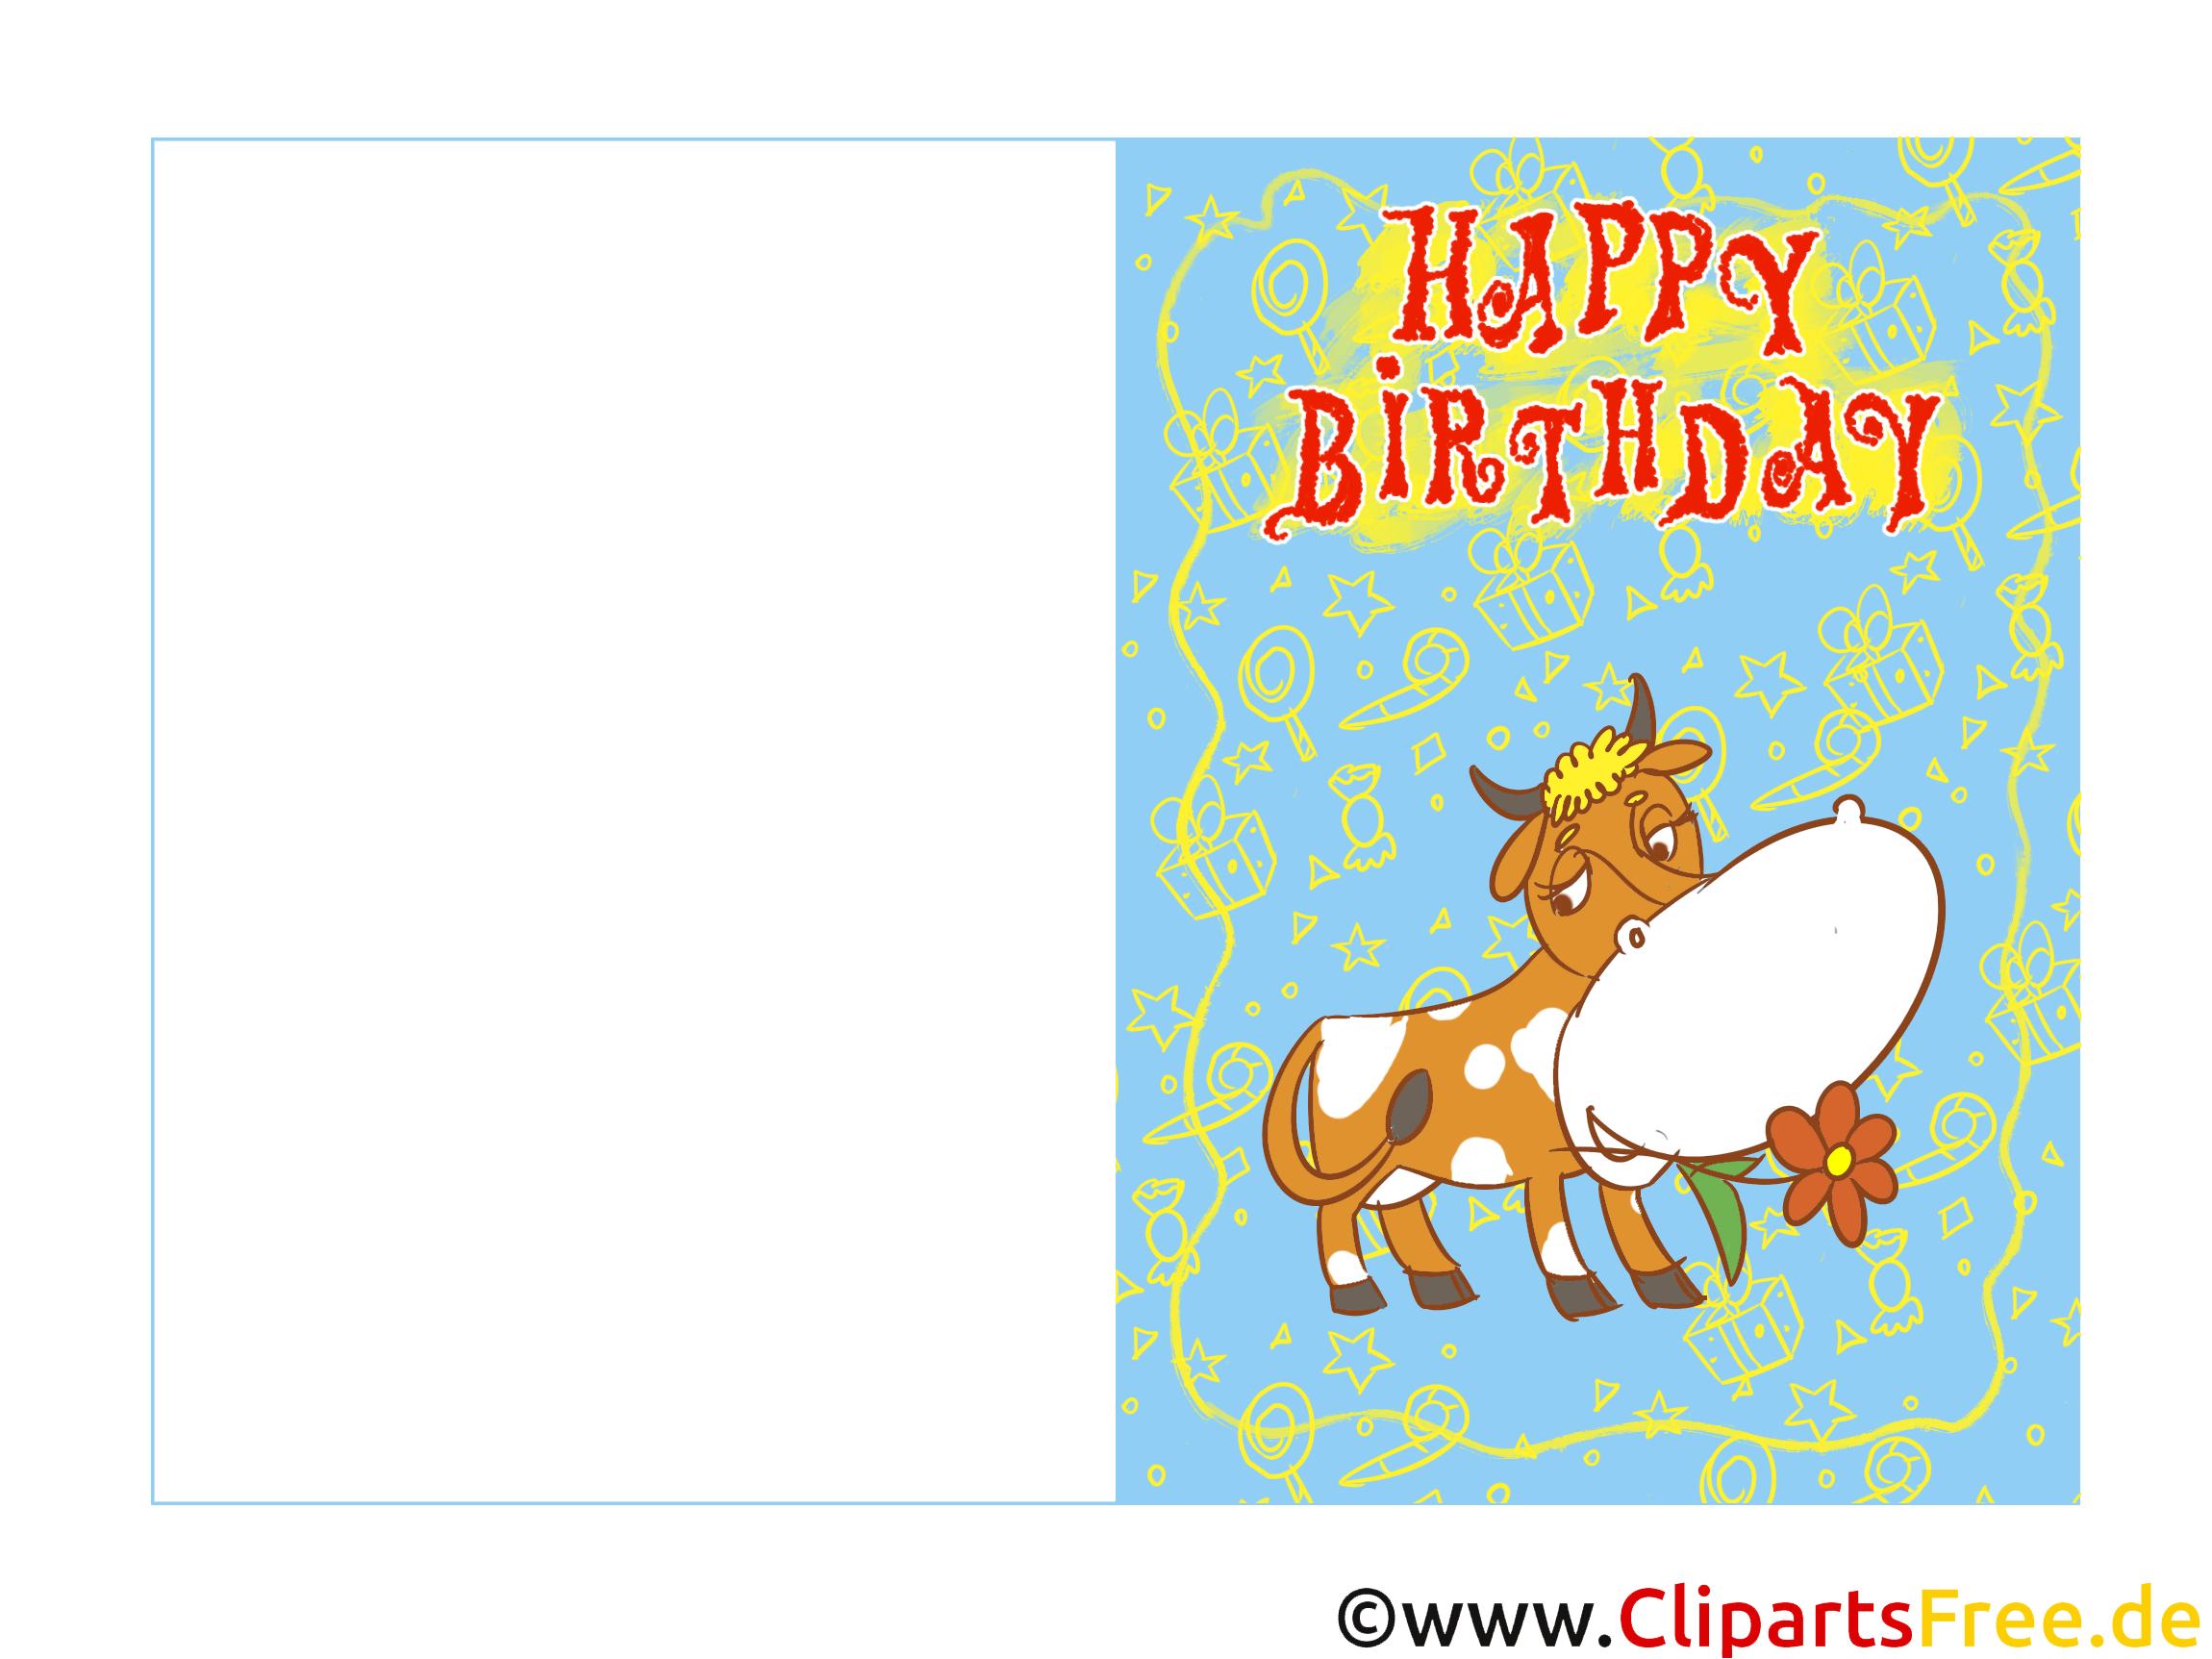 Geburtstagskarten Ecards Zum Selbst Drucken Zum Kindergeburtstag innen Geburtstagskarten Selber Drucken